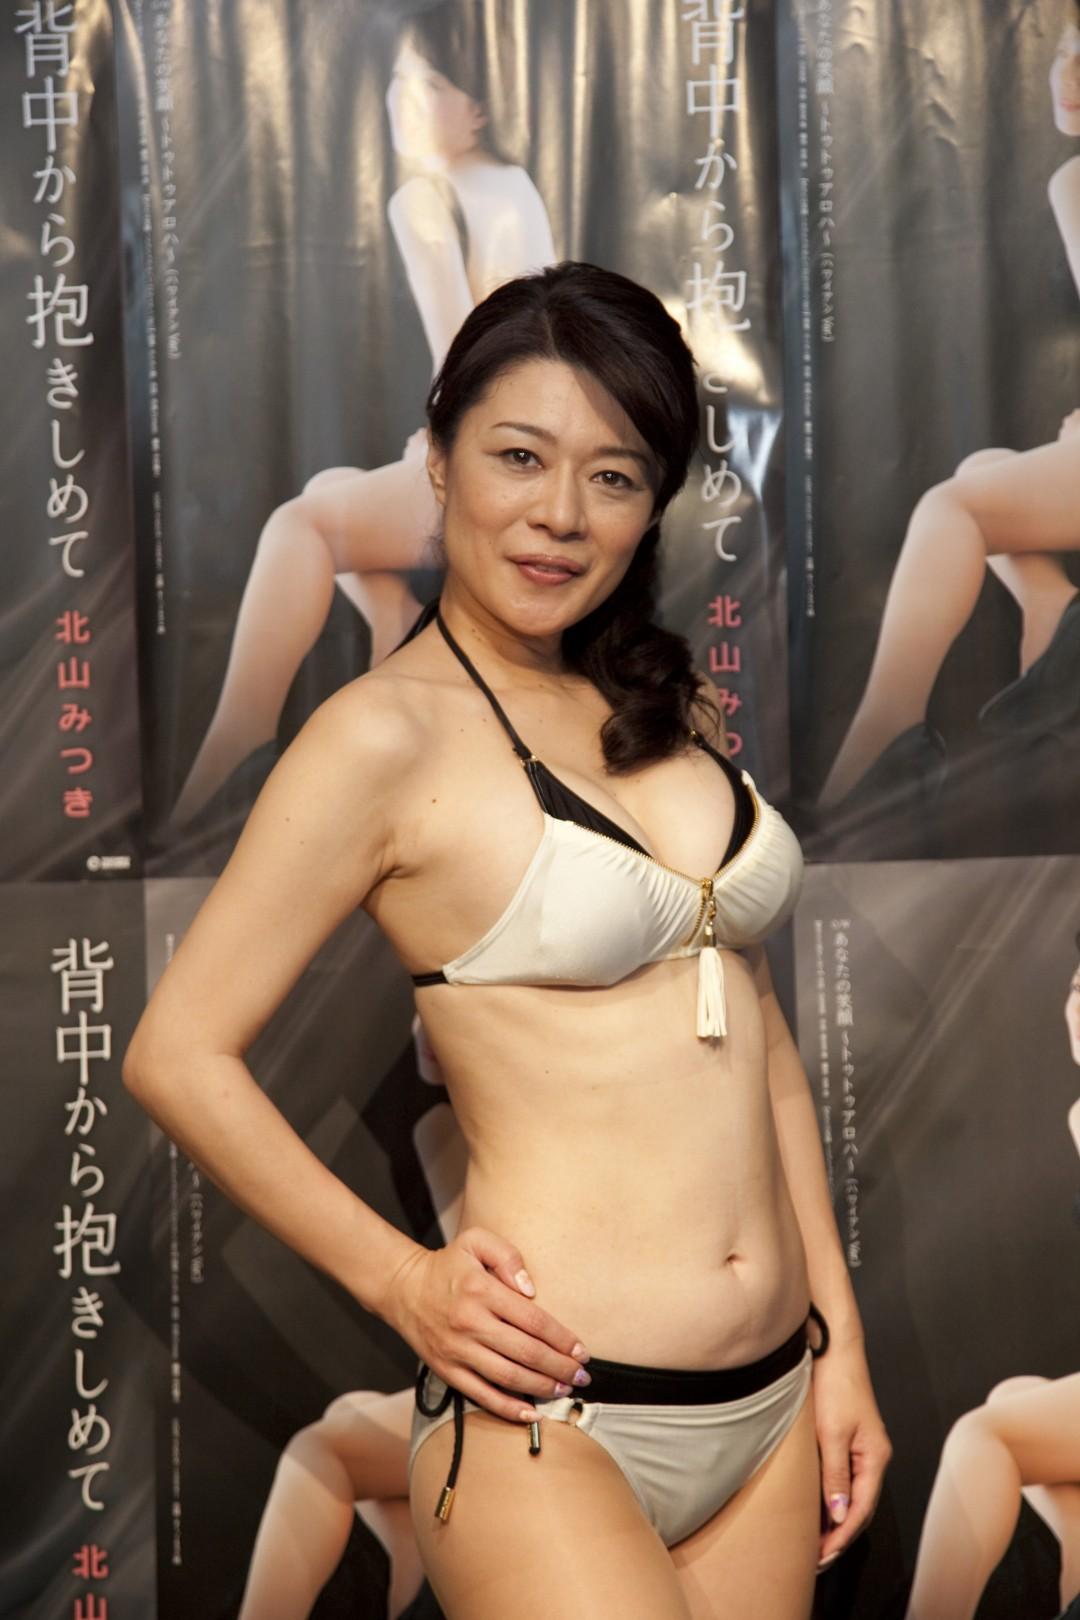 ドエロ熟女画像を集めろ!! [転載禁止]©bbspink.comfc2>1本 ->画像>696枚